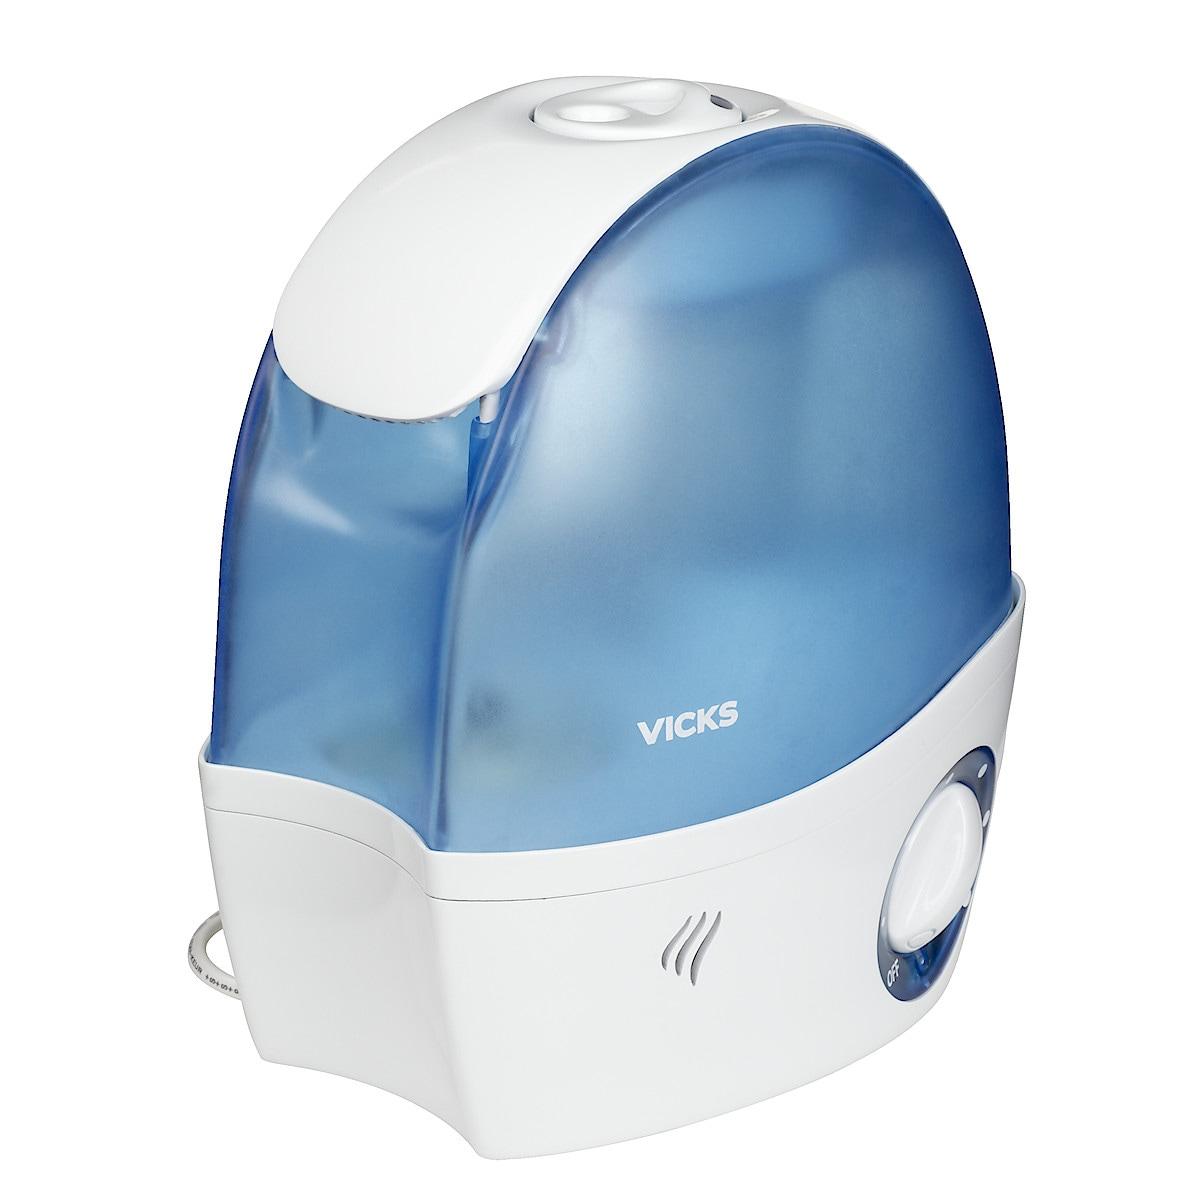 Vicks VH5000 luftfukter